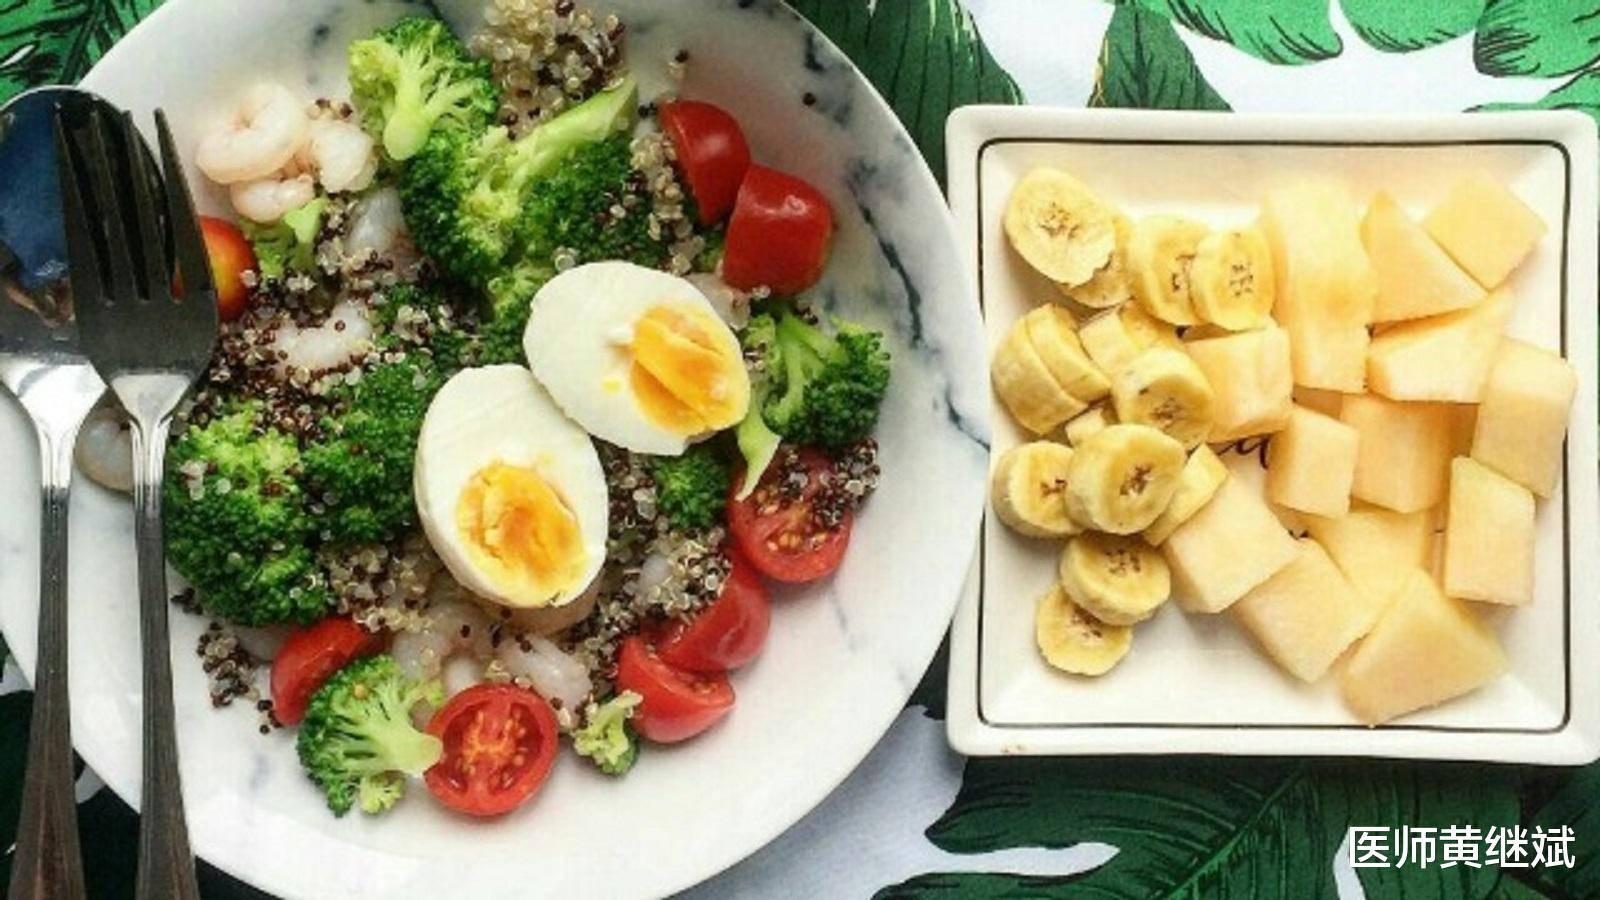 原创夏季减肥吃什么?四种蔬菜供你选择,清热解暑又减脂!